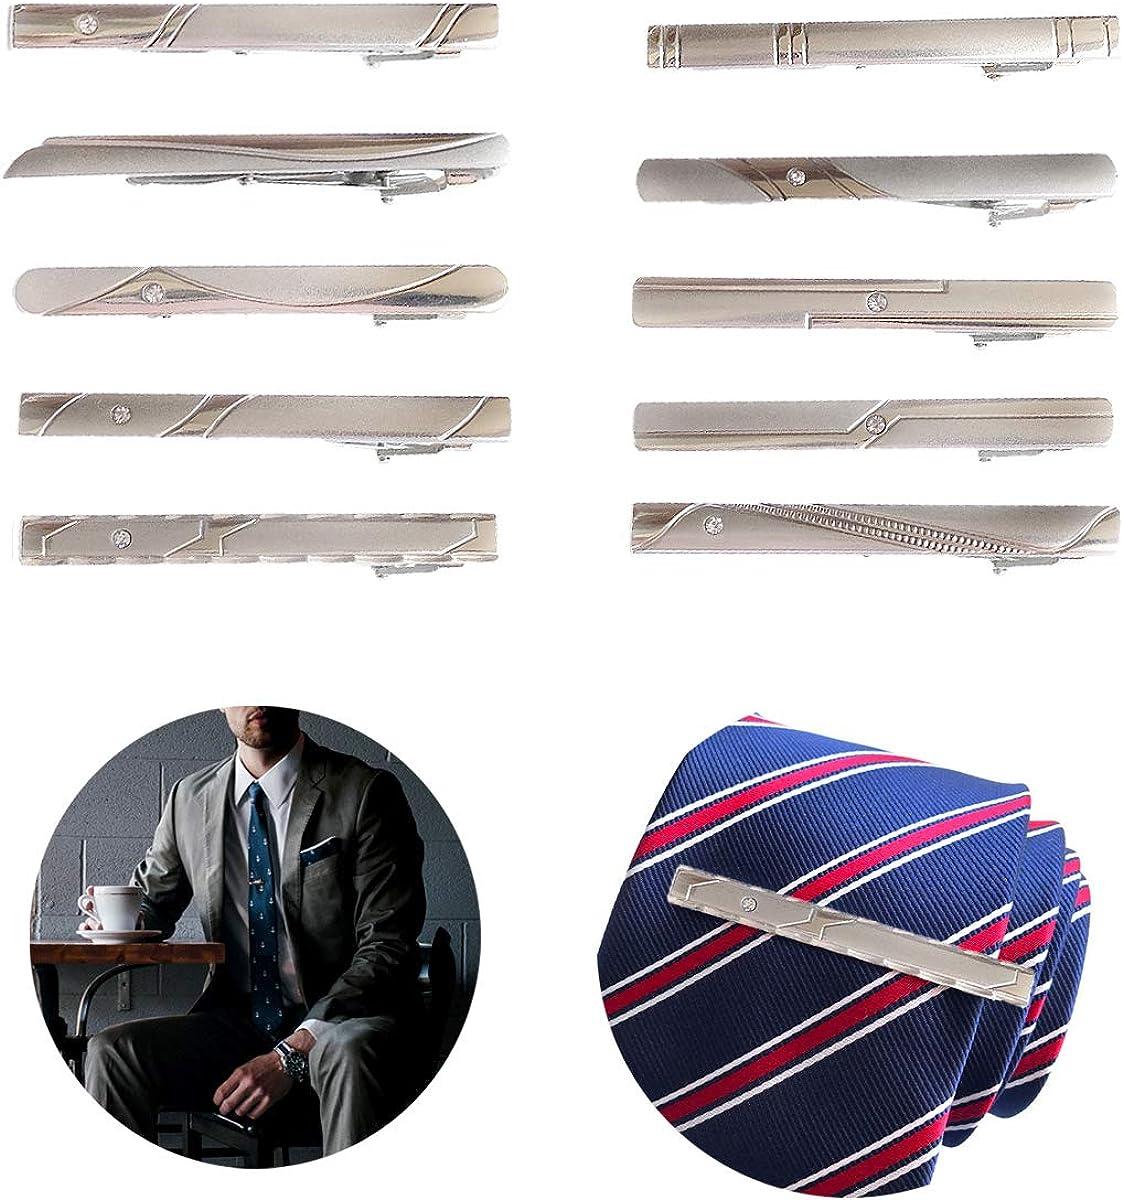 Qiundar Clip de Corbata 10 Pedazo Pisacorbatas Hombre Oro Pasador de Corbata Alfiler de Corbata Tie Clips,para Fiesta Reuni/ón Negocios Boda